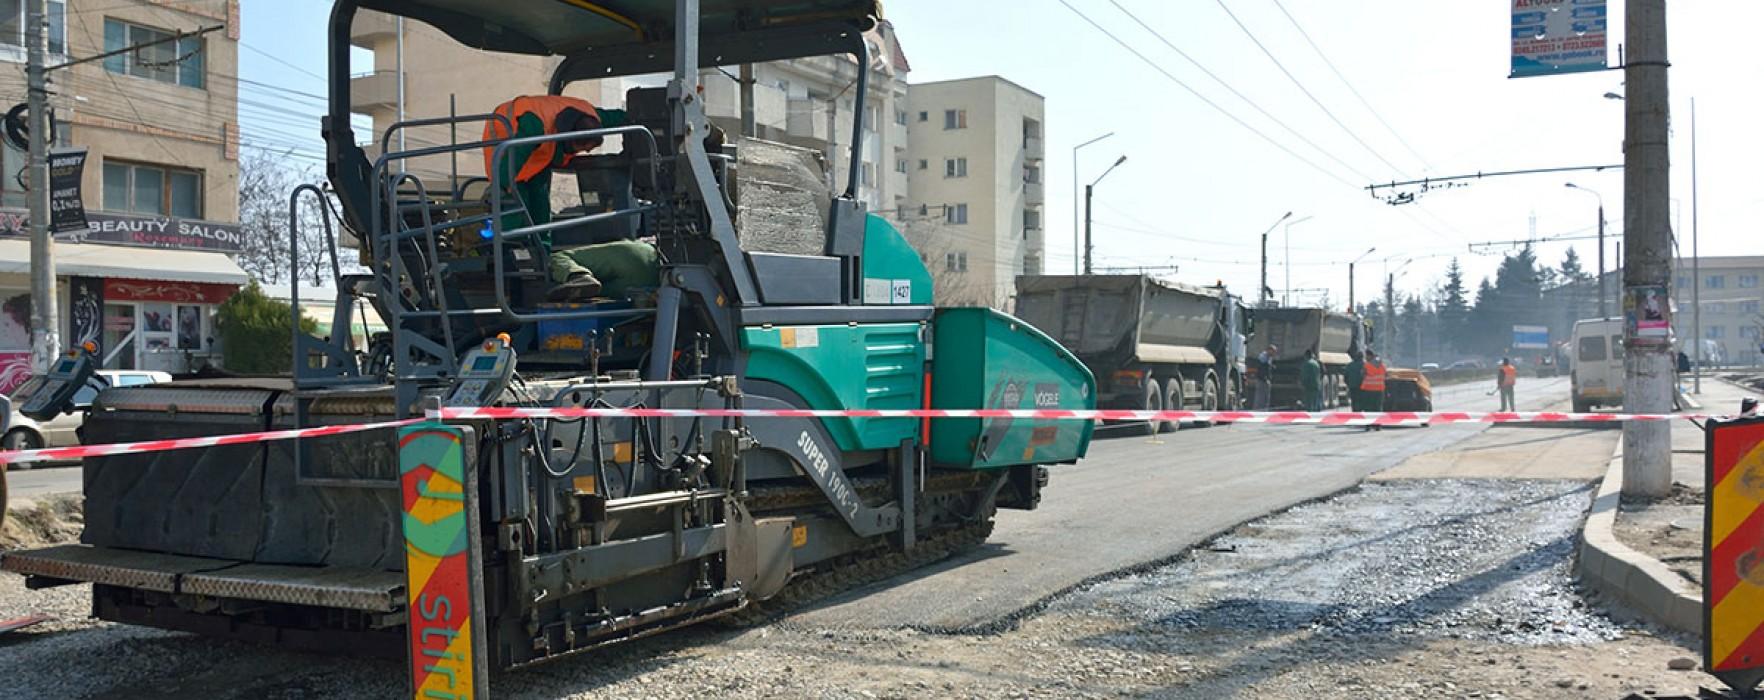 Târgovişte: Se asfaltează, în weekend, Bulevardul Unirii; şoferii sfătuiţi să evite zona